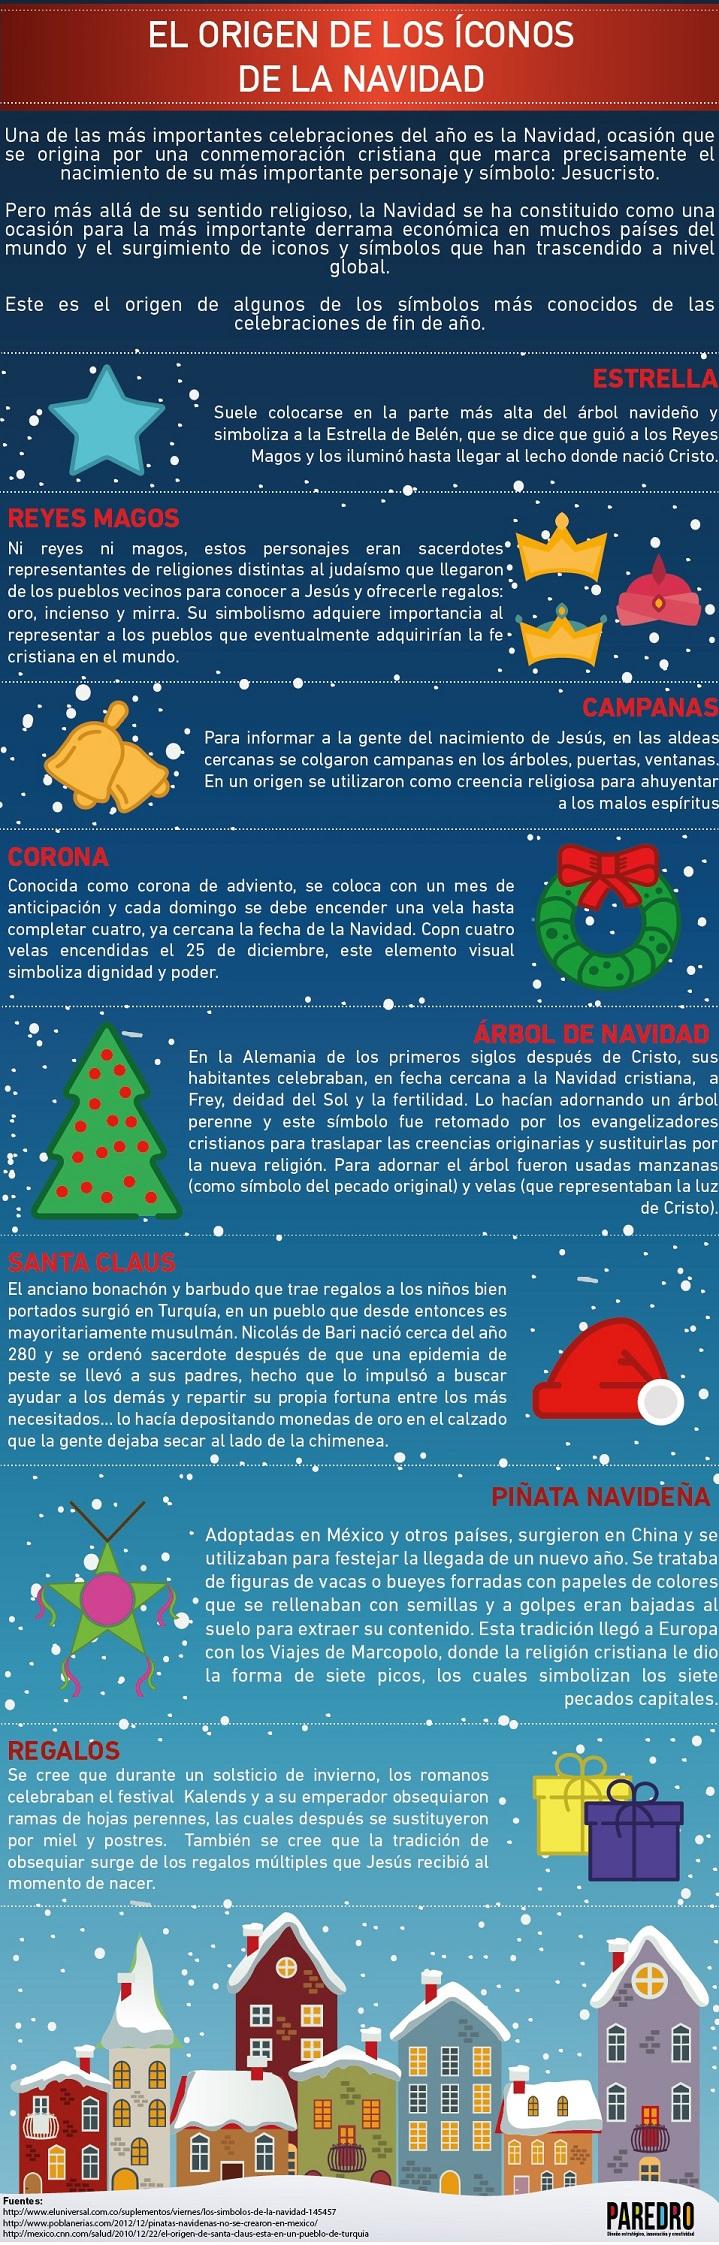 Origen de los elementos visuales de la Navidad